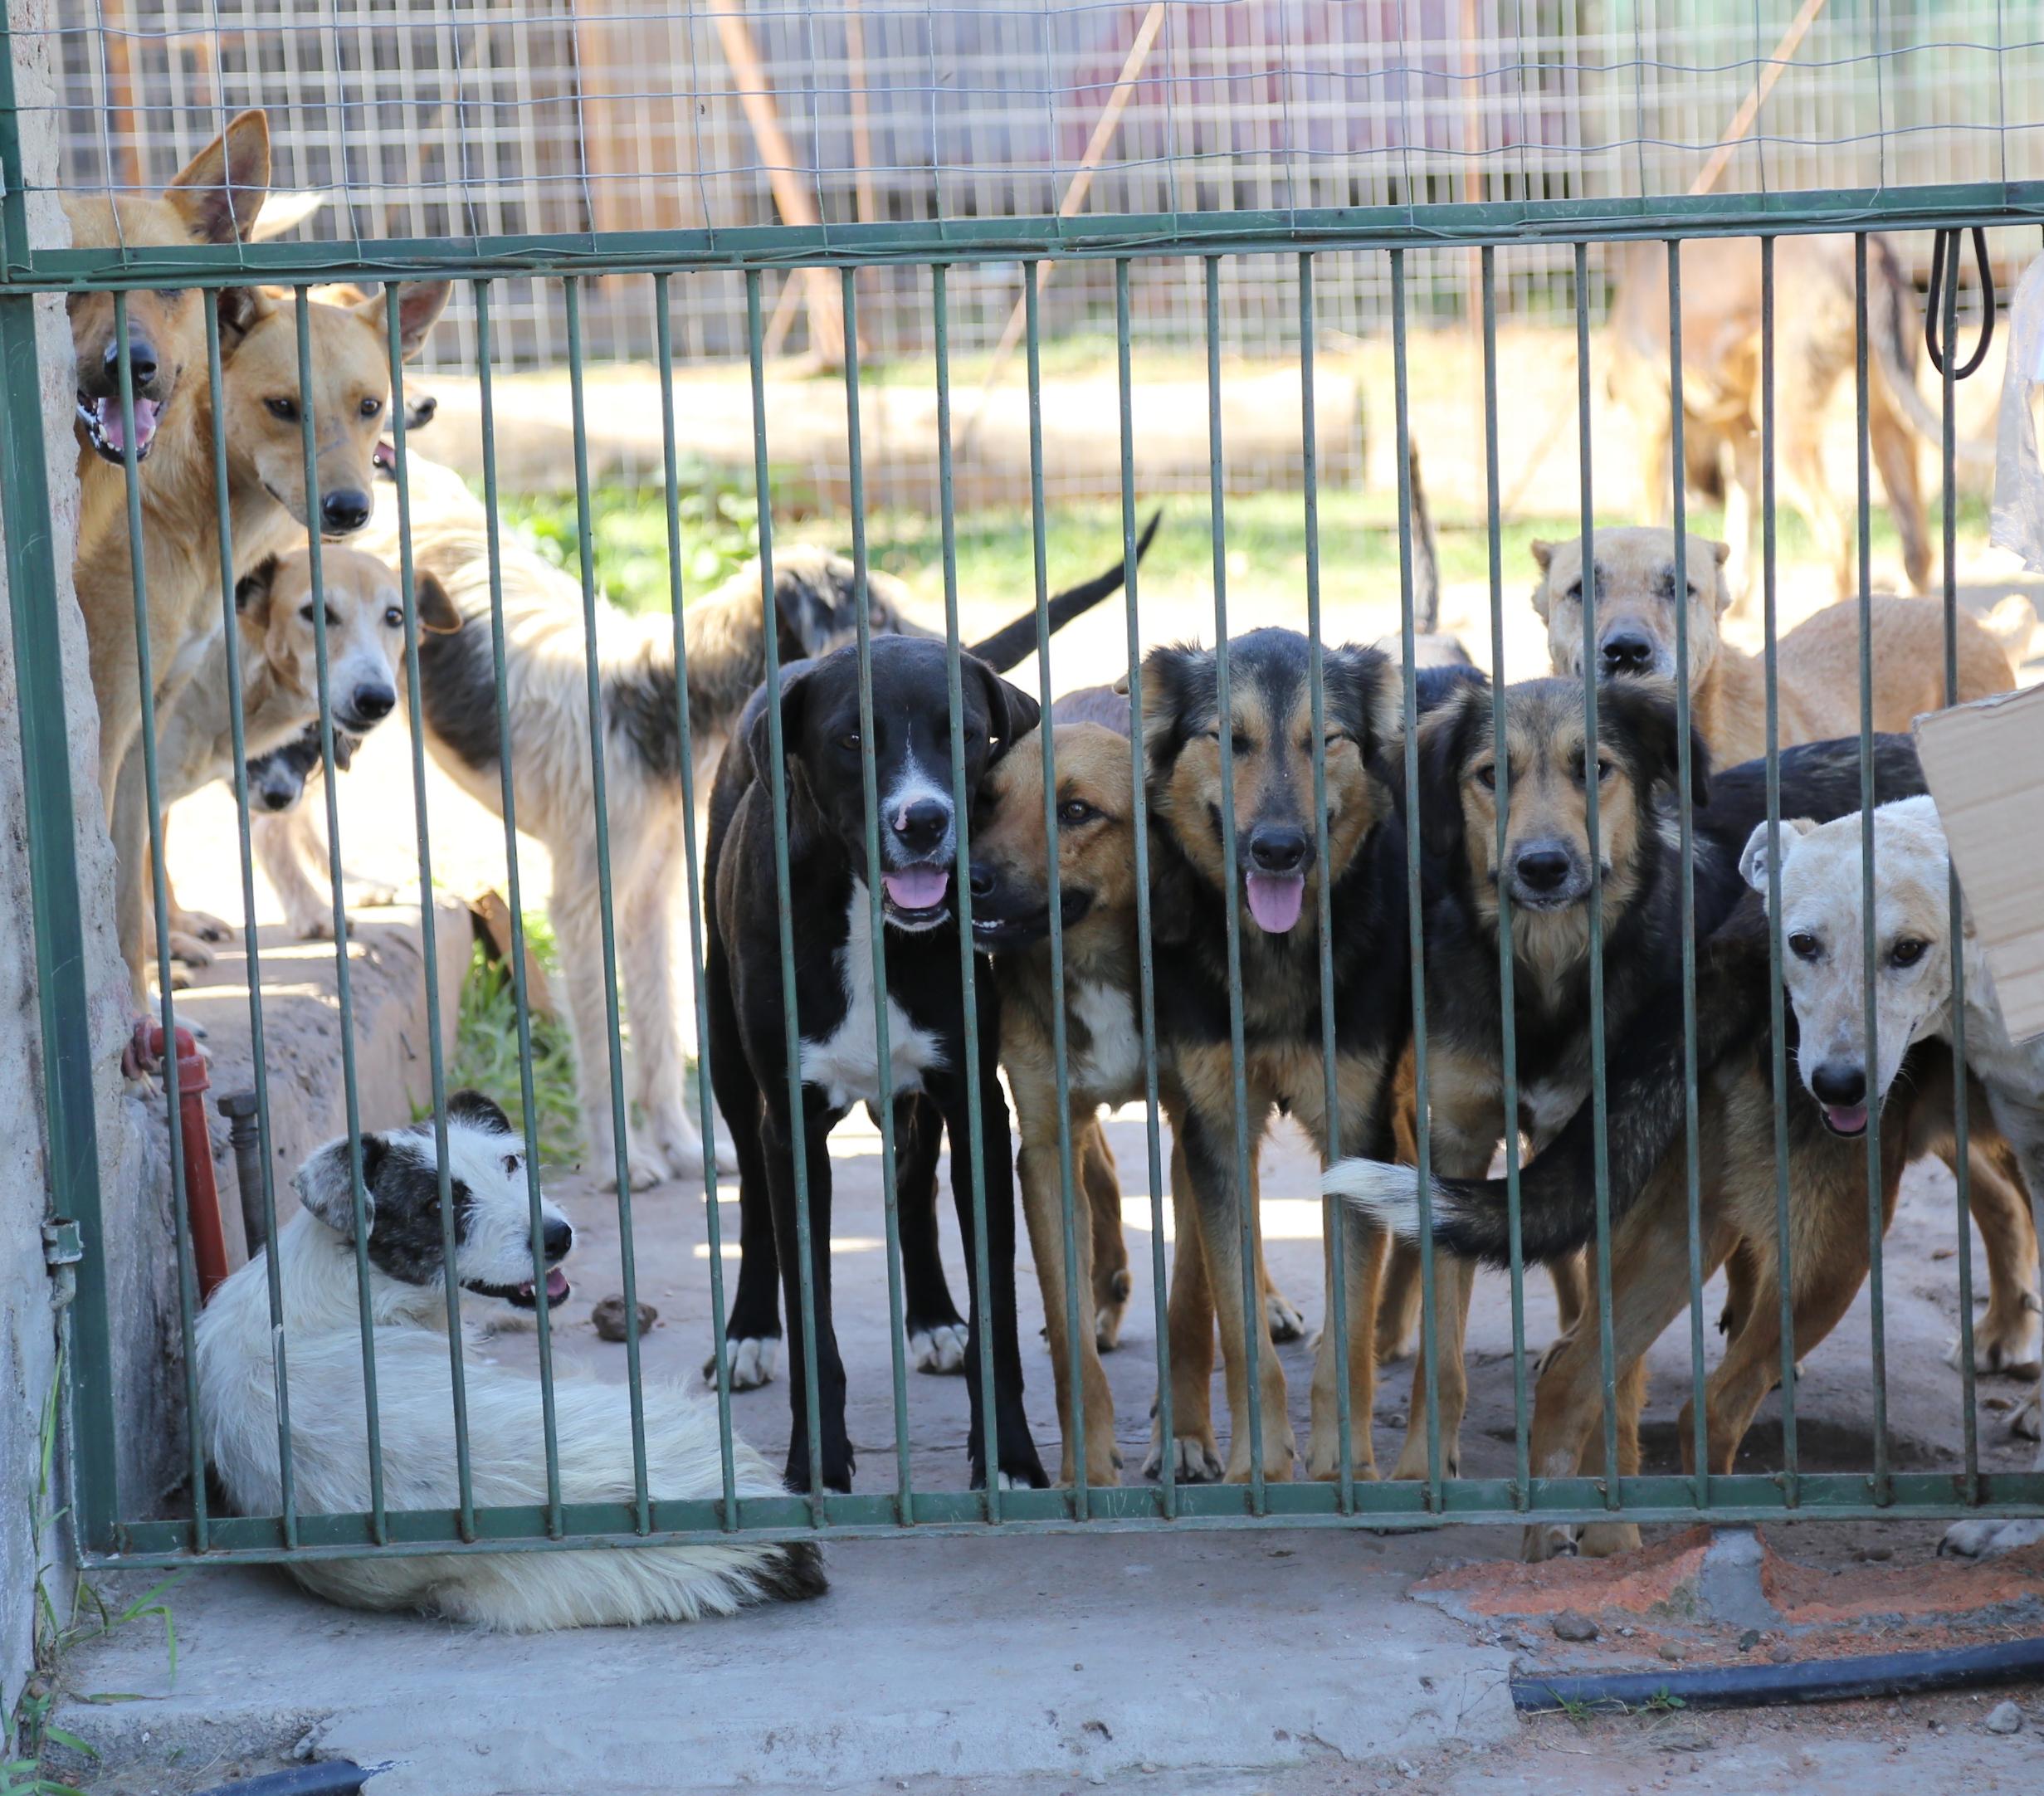 Tras las rejas y quizás no  en las condiciones ideales,  pero cuidados, conviven  más de 300 canes